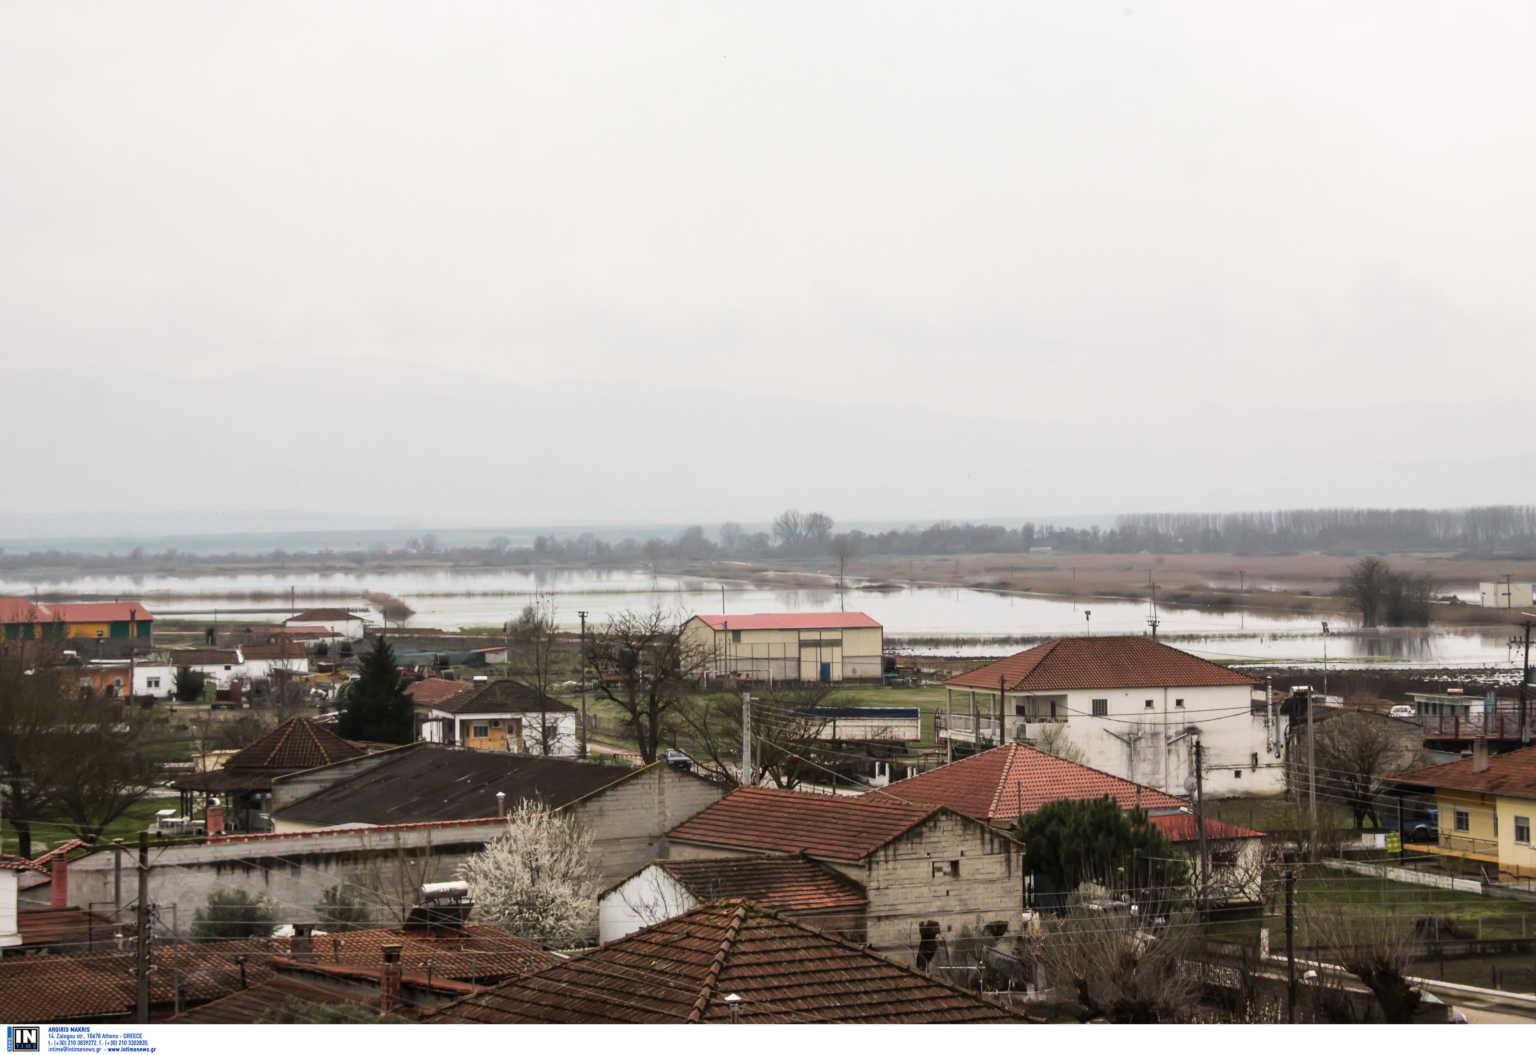 Κορονοϊός: Έκτακτα μέτρα από το δήμο Σερρών για να… προλάβουν το lockdown